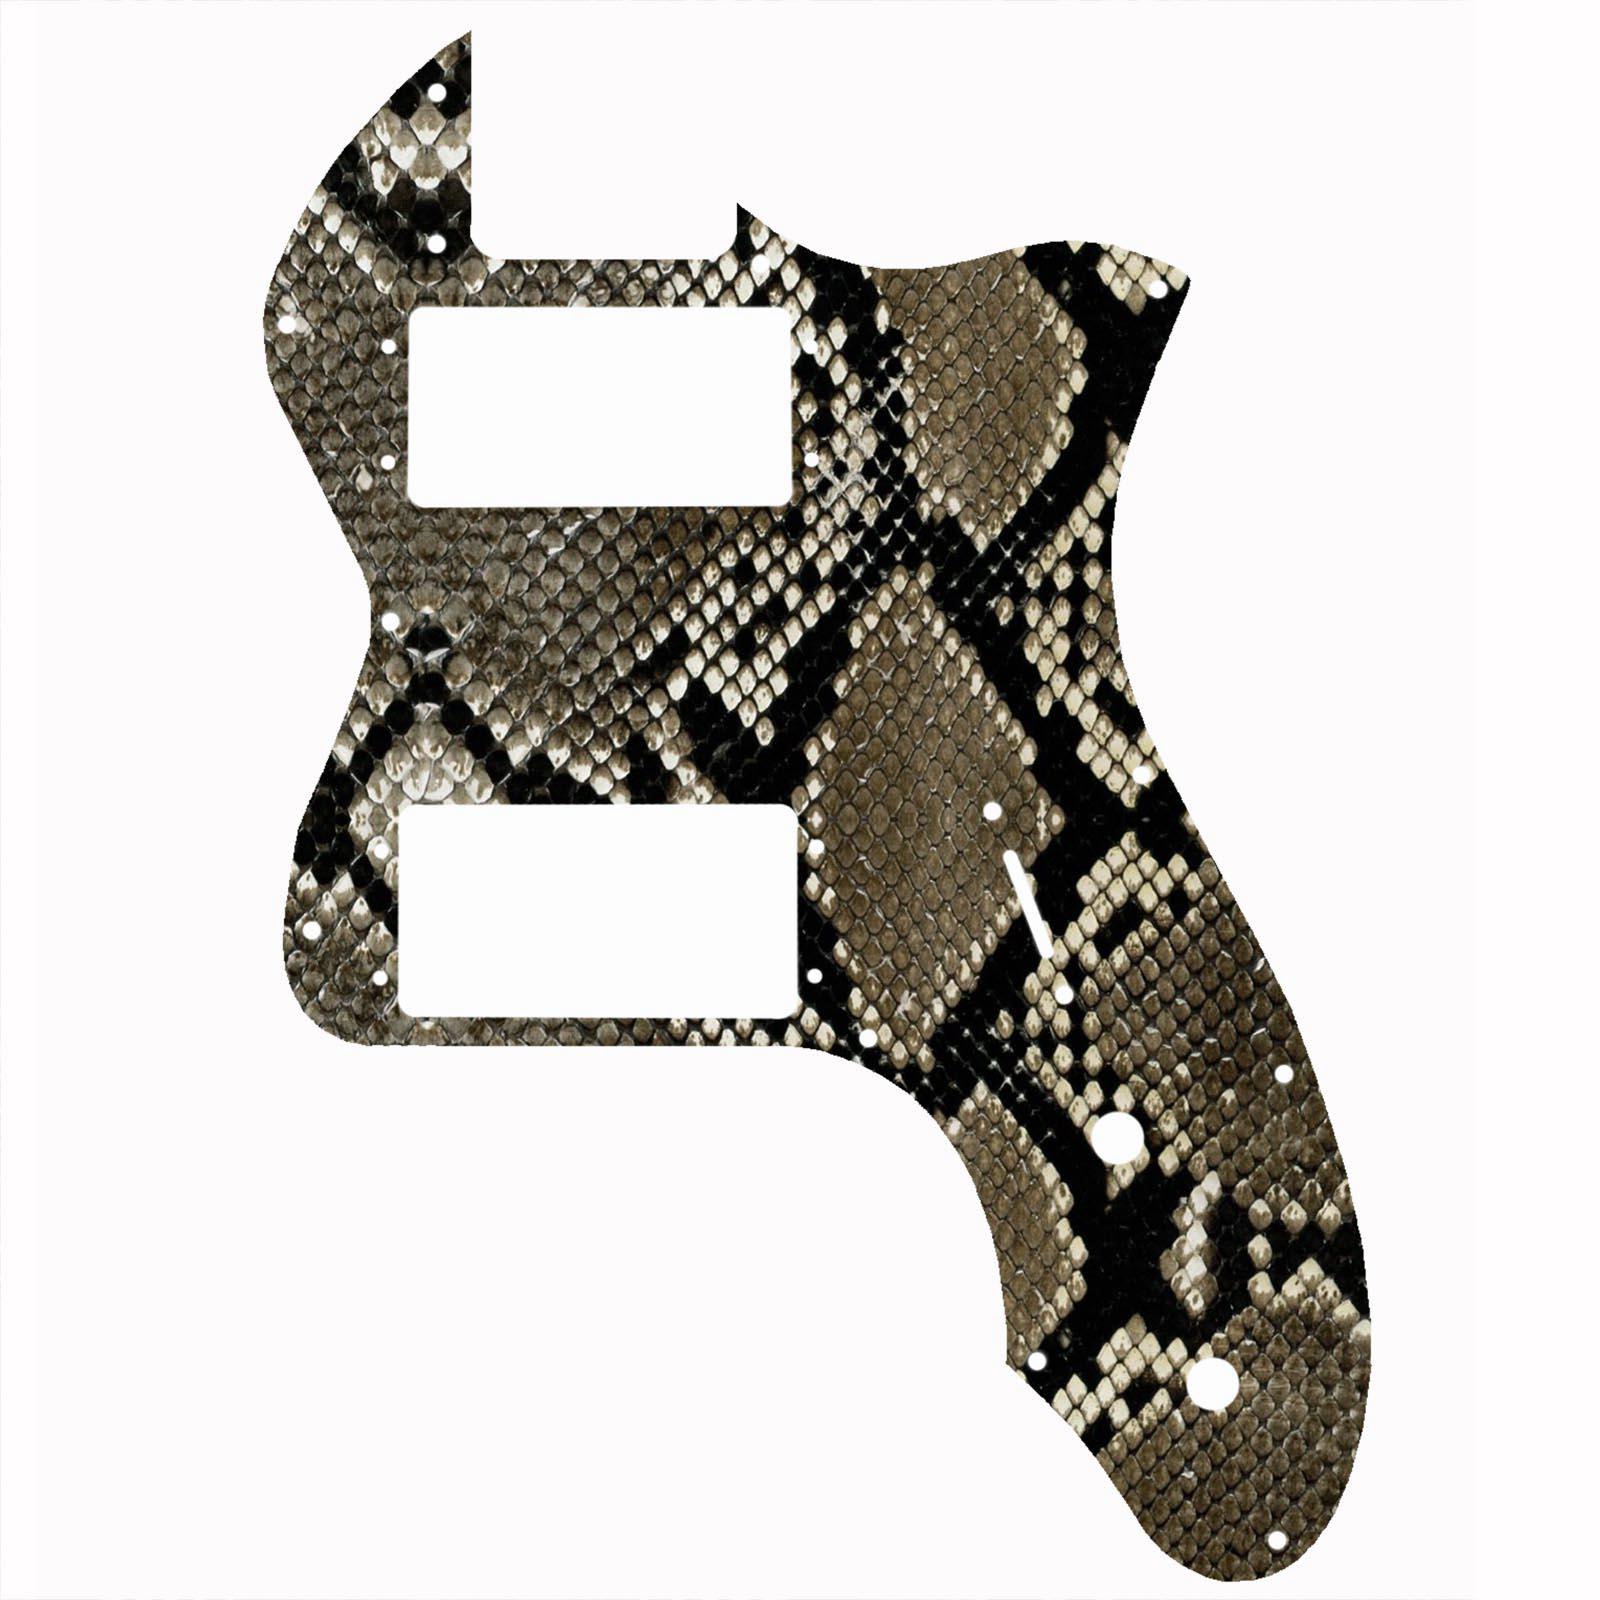 Telecaster 72 Thinline Snakeskin Snake Print Pickguard 2-ply - 106